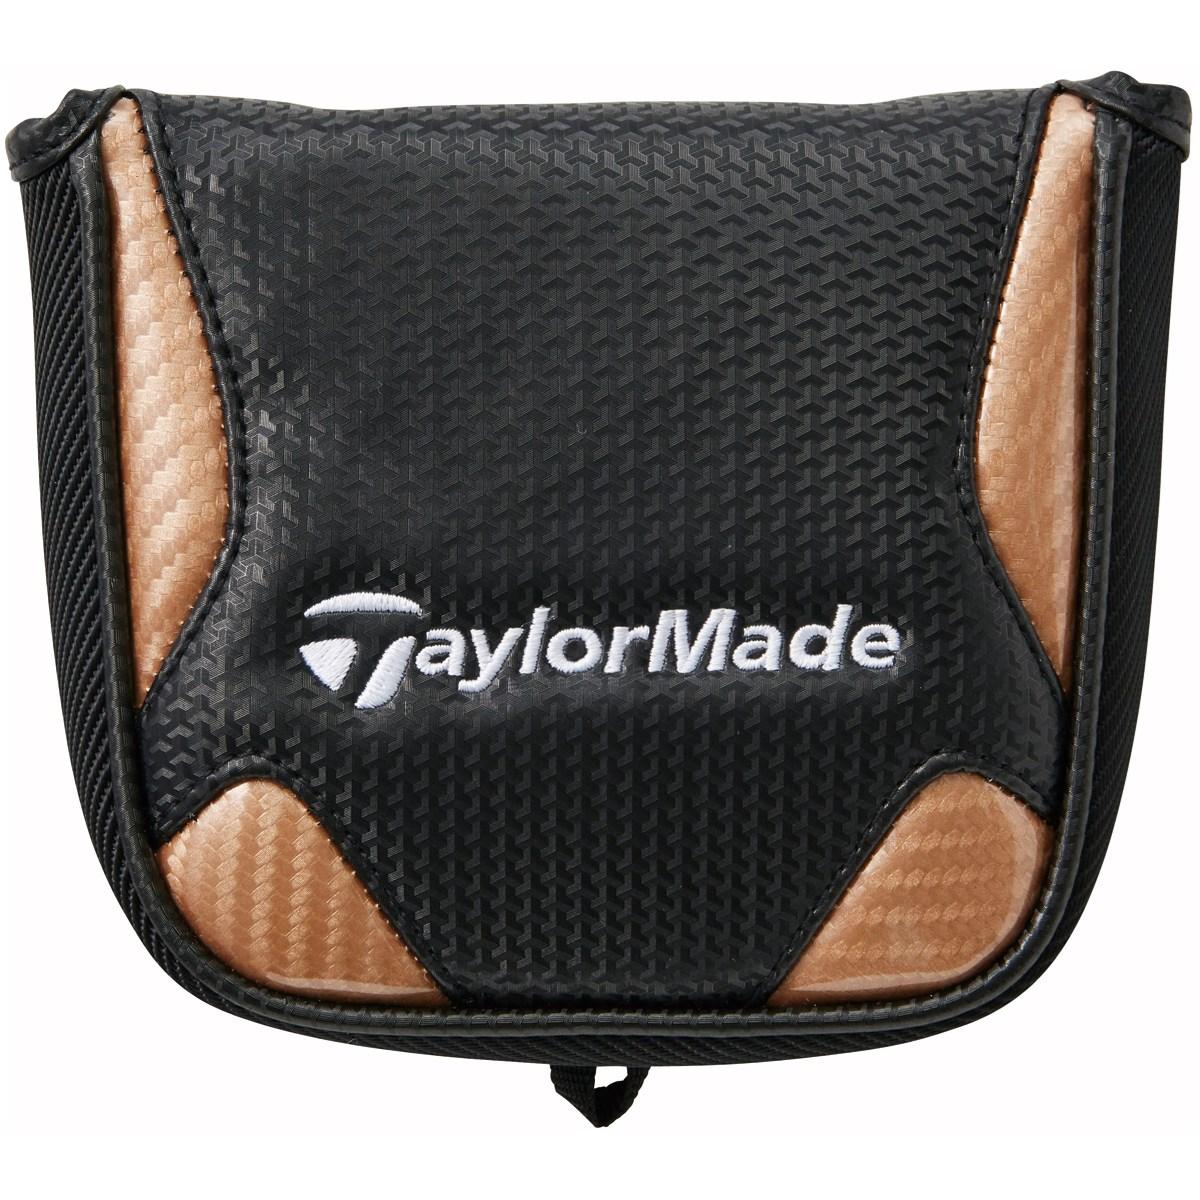 テーラーメイド(Taylor Made) G-7 パターカバー